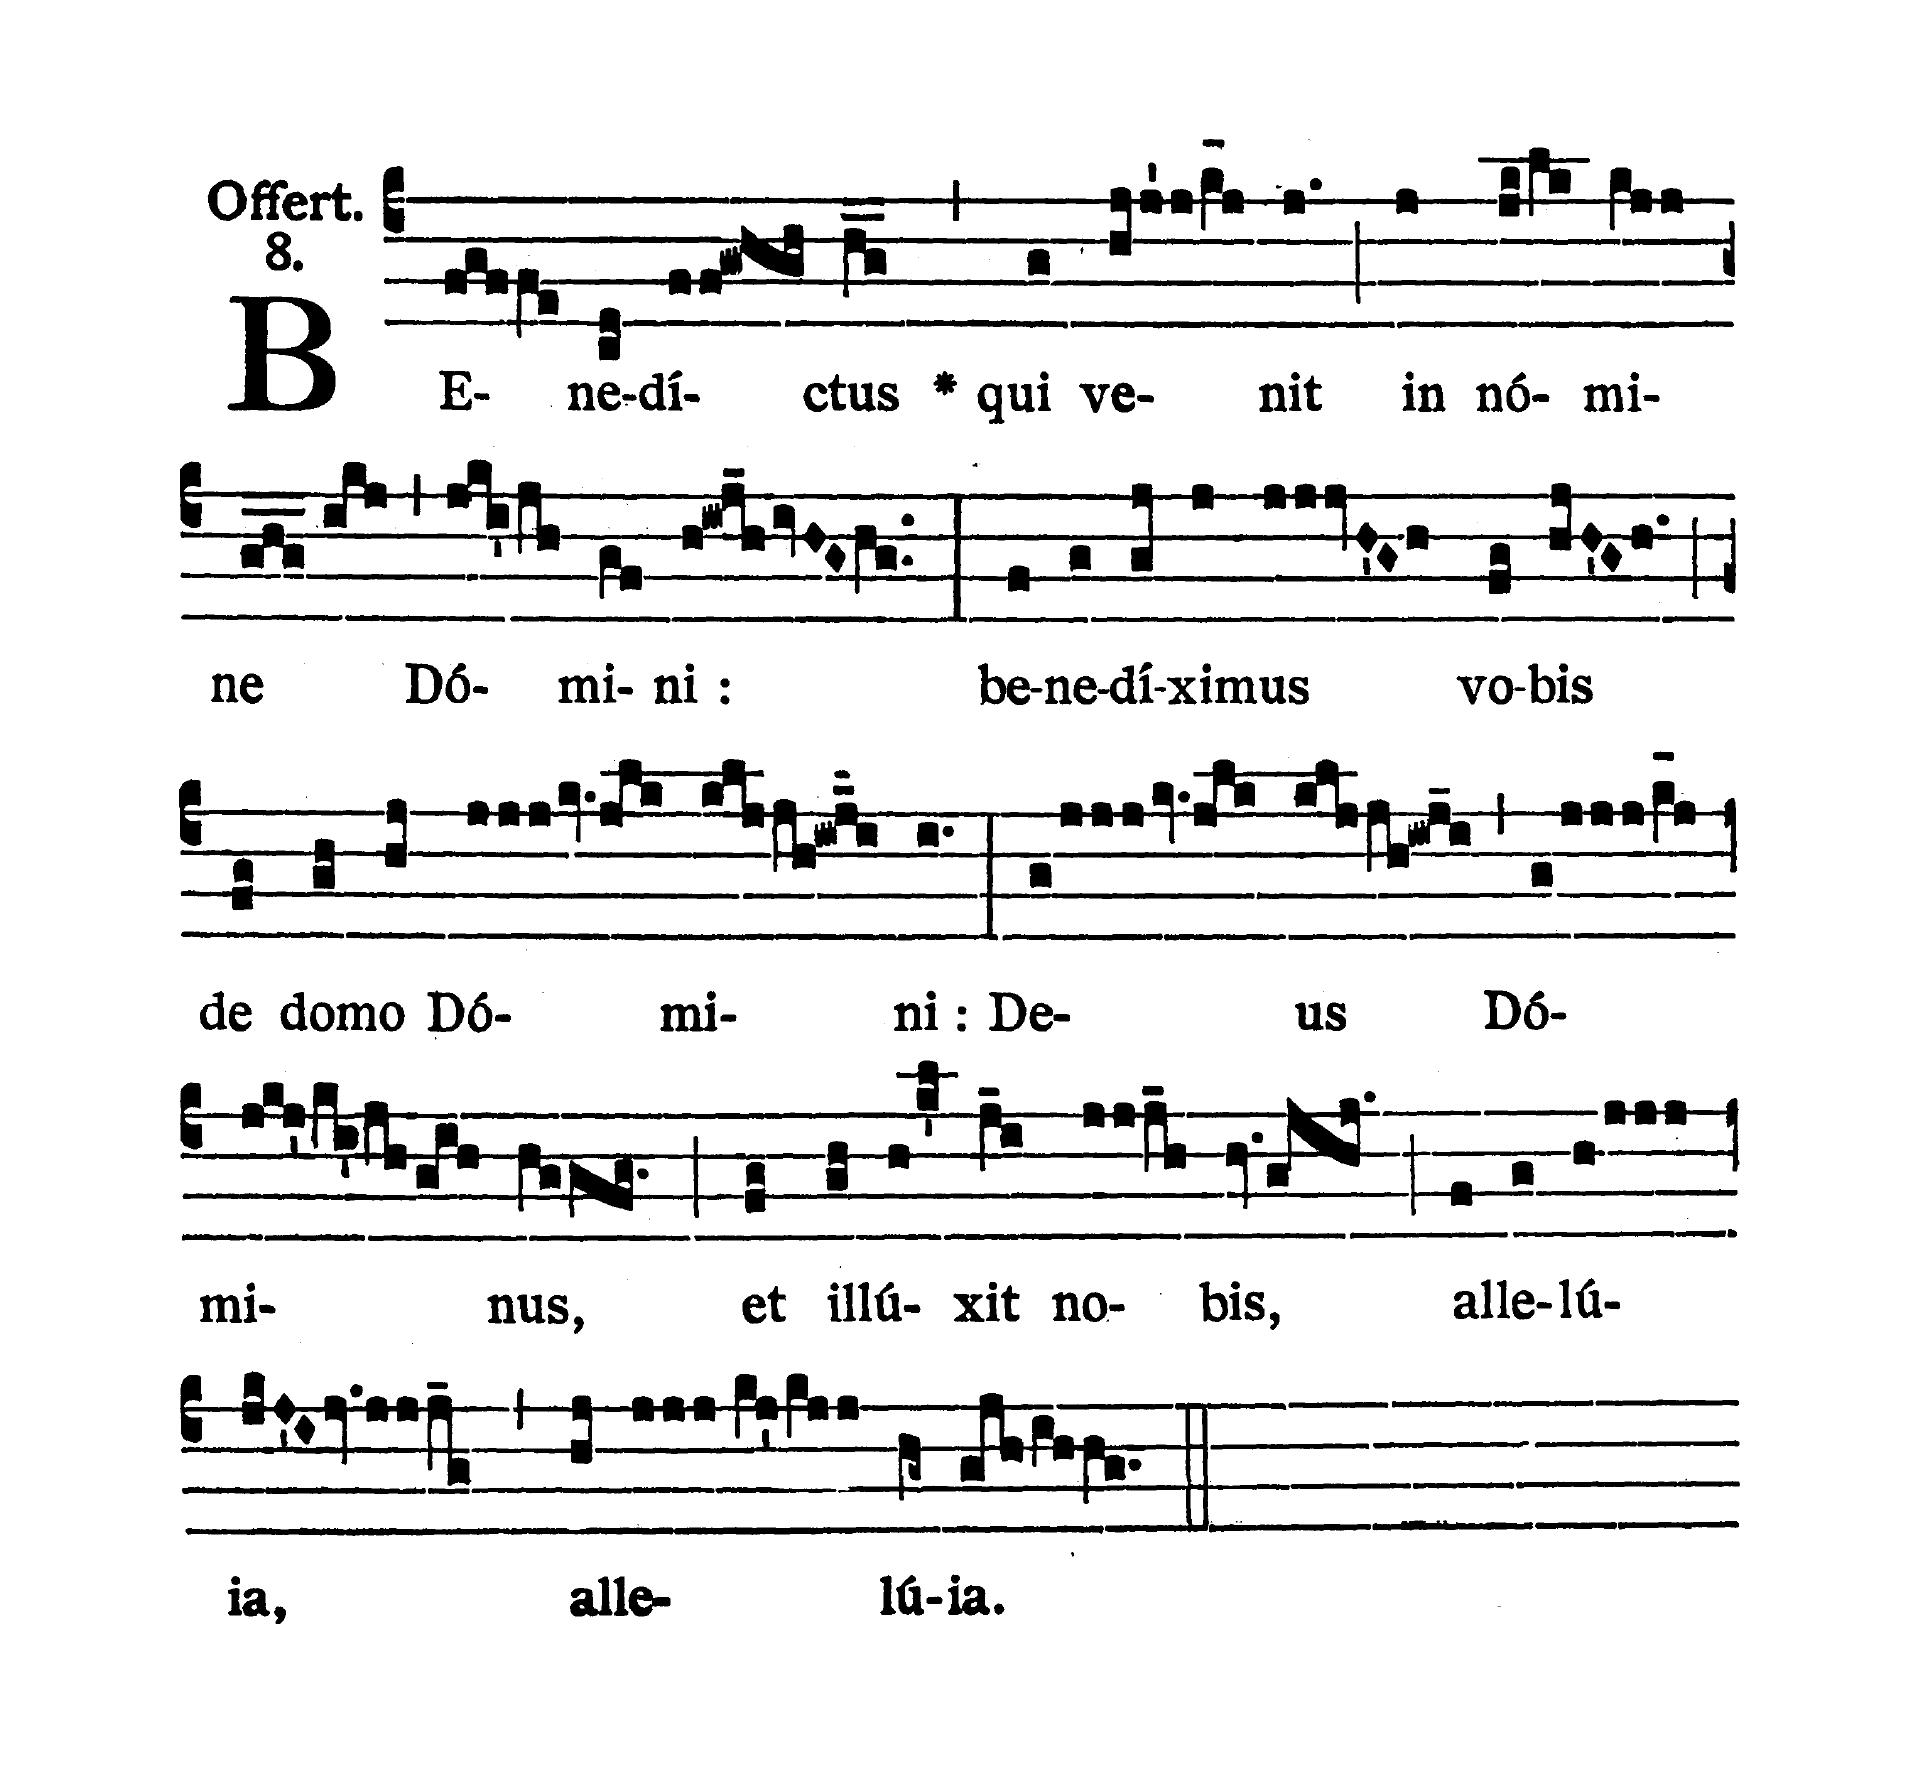 Sabbato in Albis (Biała sobota) - Offertorium (Benedictus)